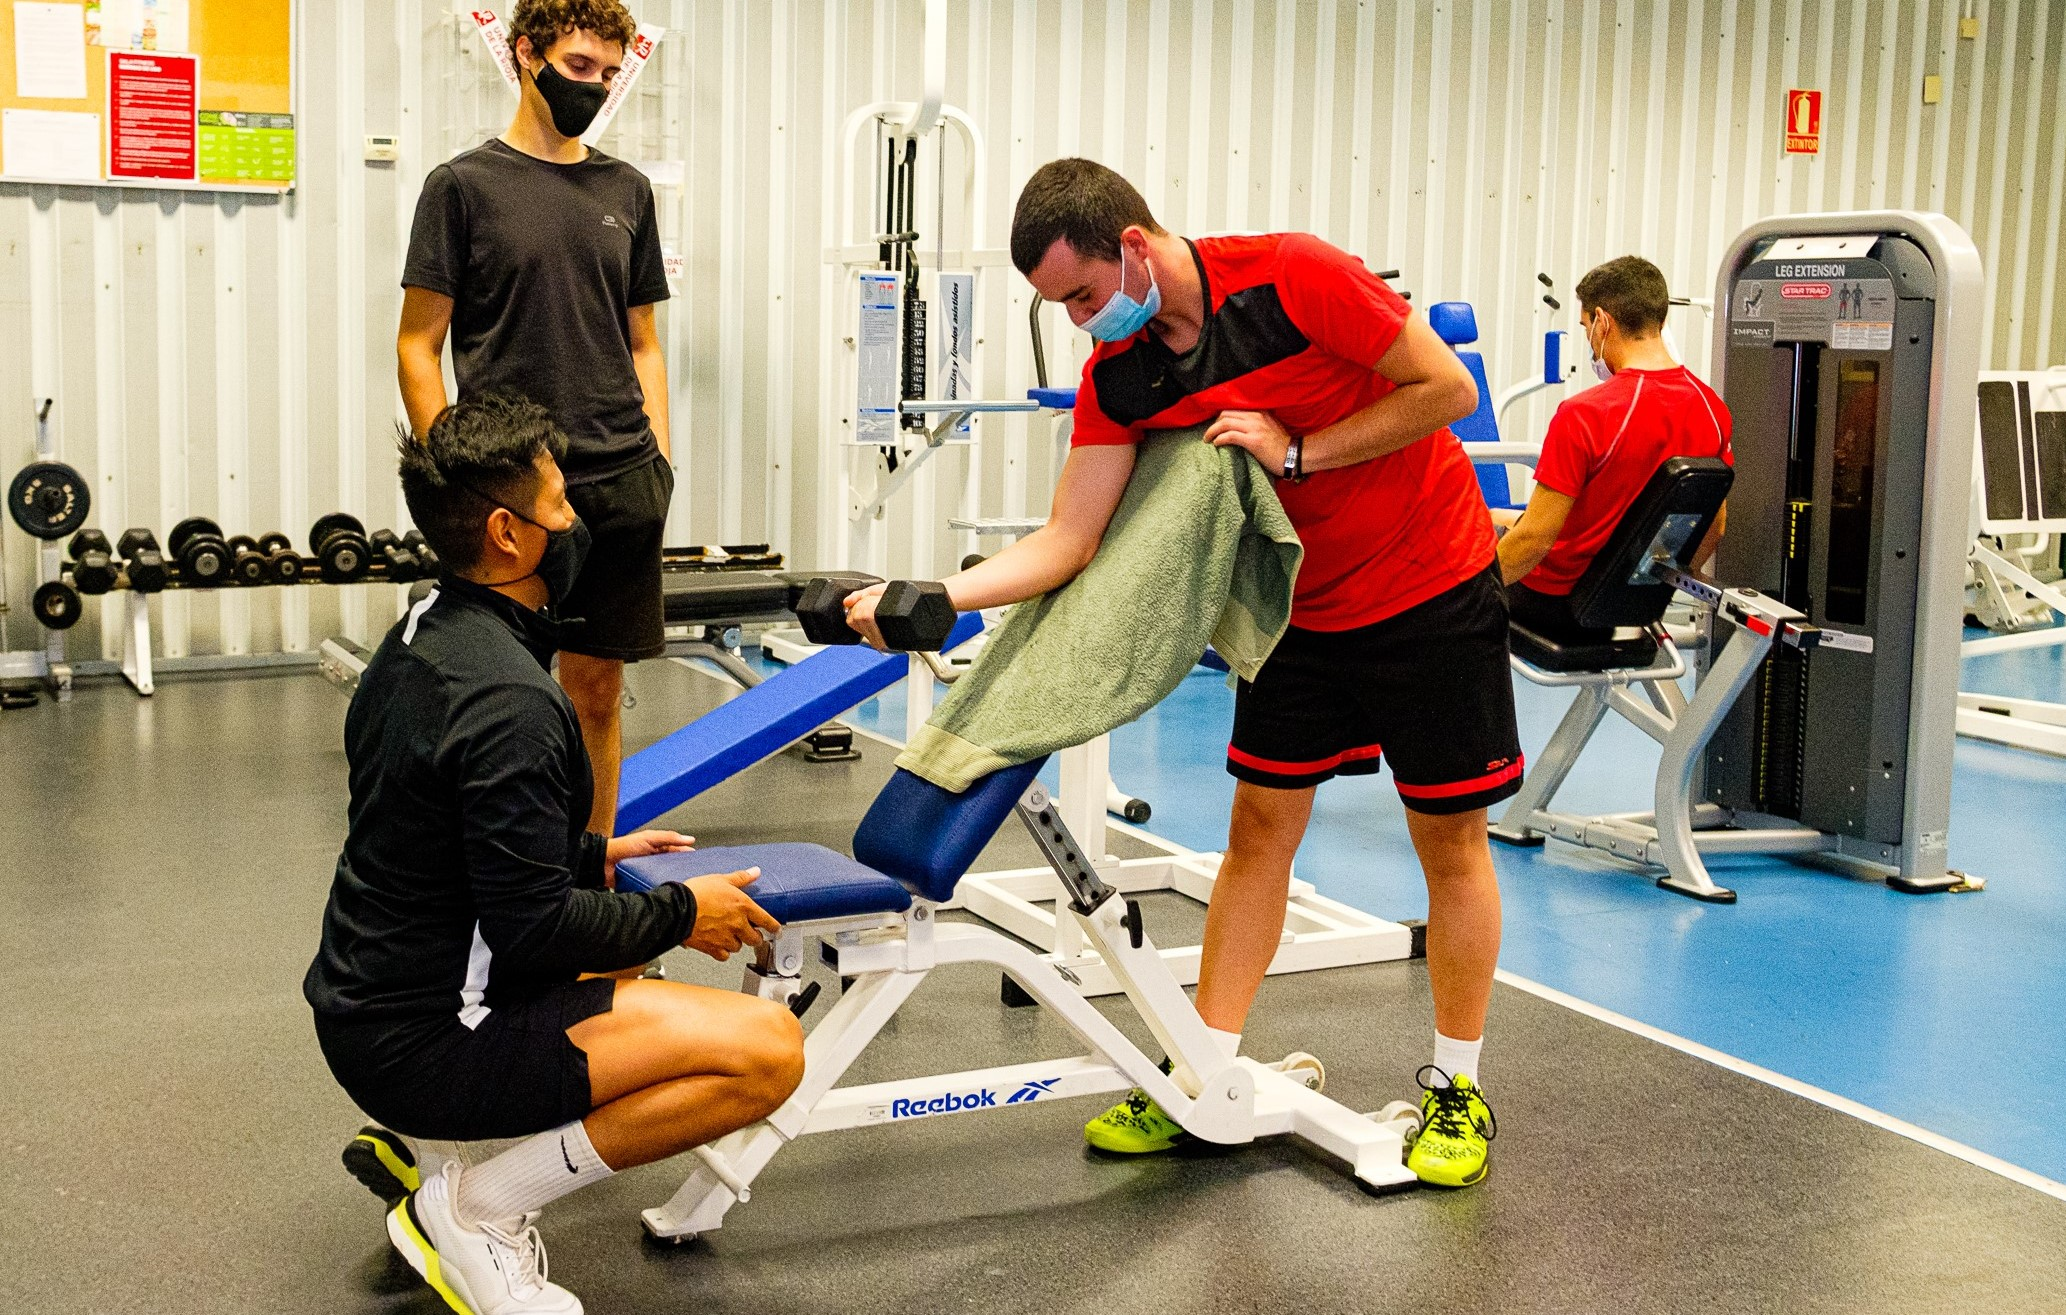 Reserva tus horas de uso en las salas Fitness y Cardio